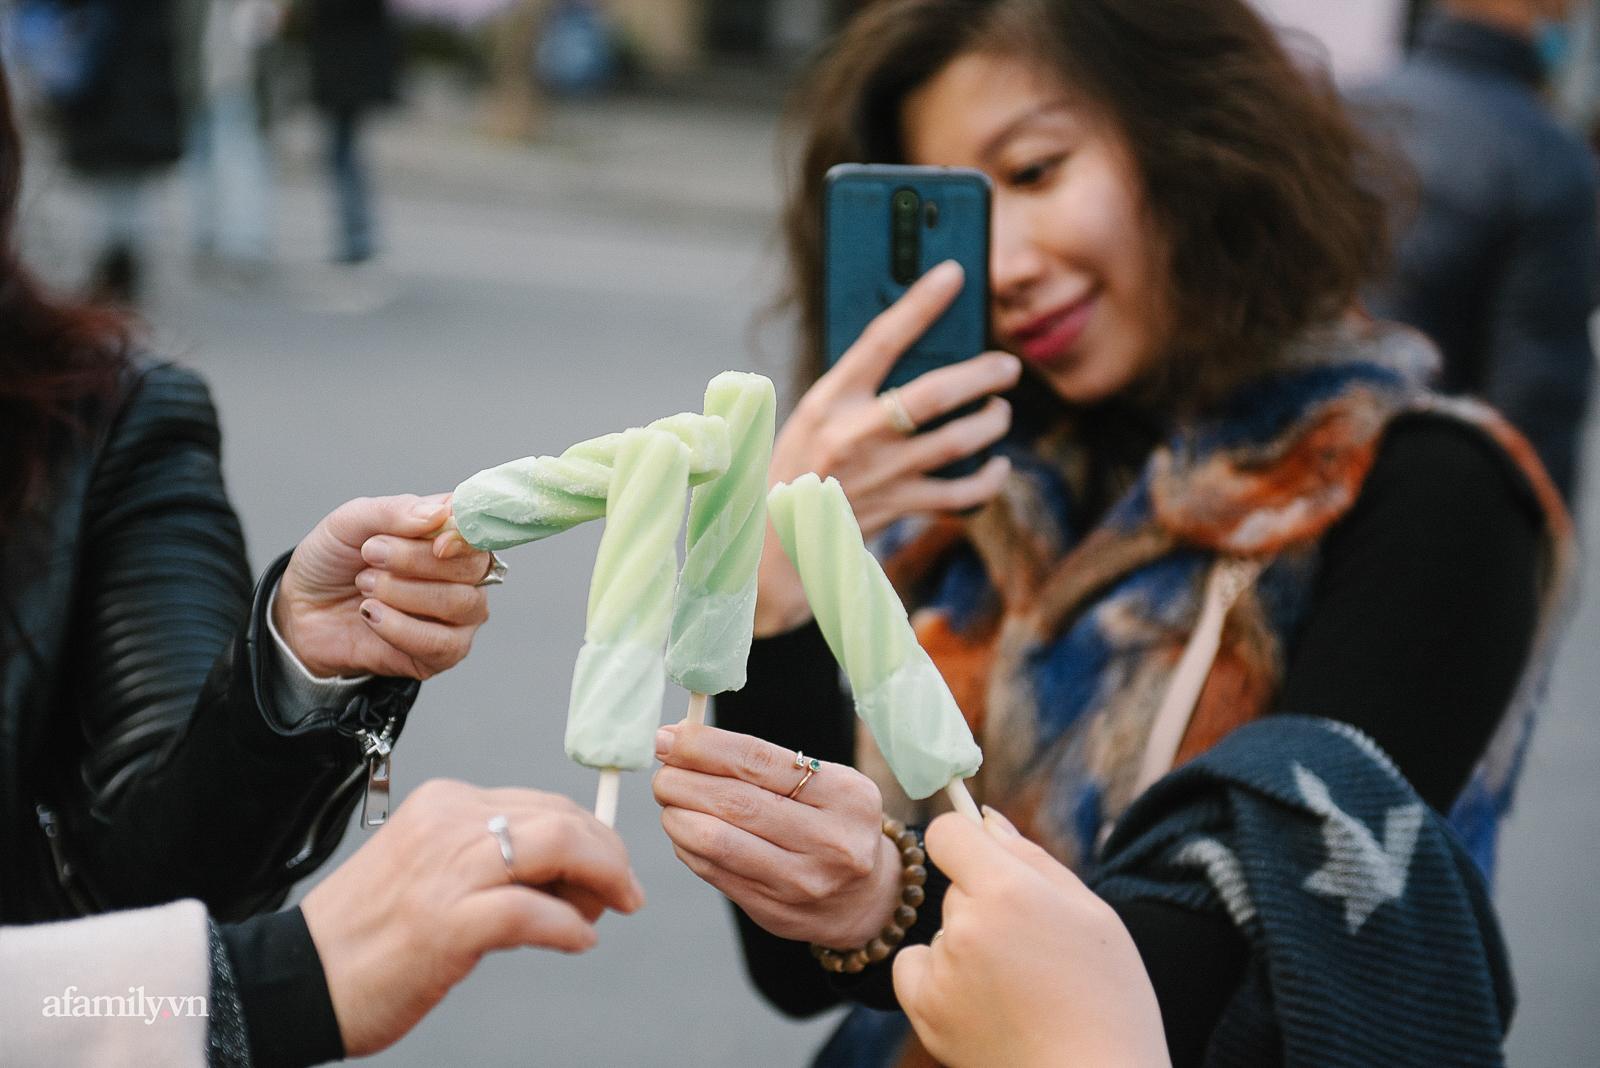 Ăn kem mùa đông ở Hà Nội, thú vui chỉ ai yêu mùa đông mới hiểu - Ảnh 2.